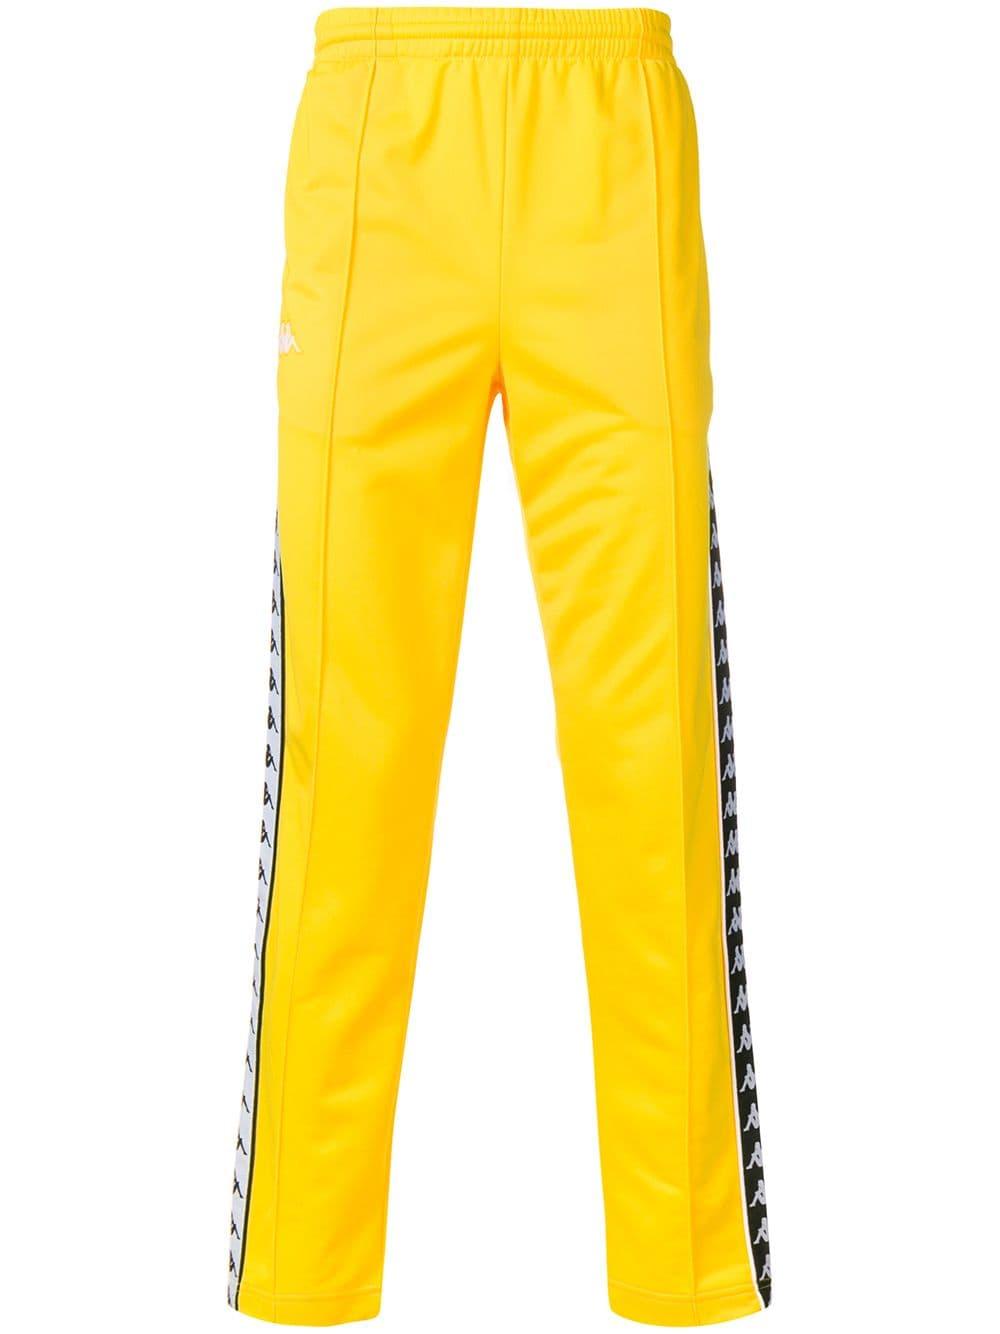 f57e93242 Kappa logo tape detail track pants - Yellow - Glami.cz